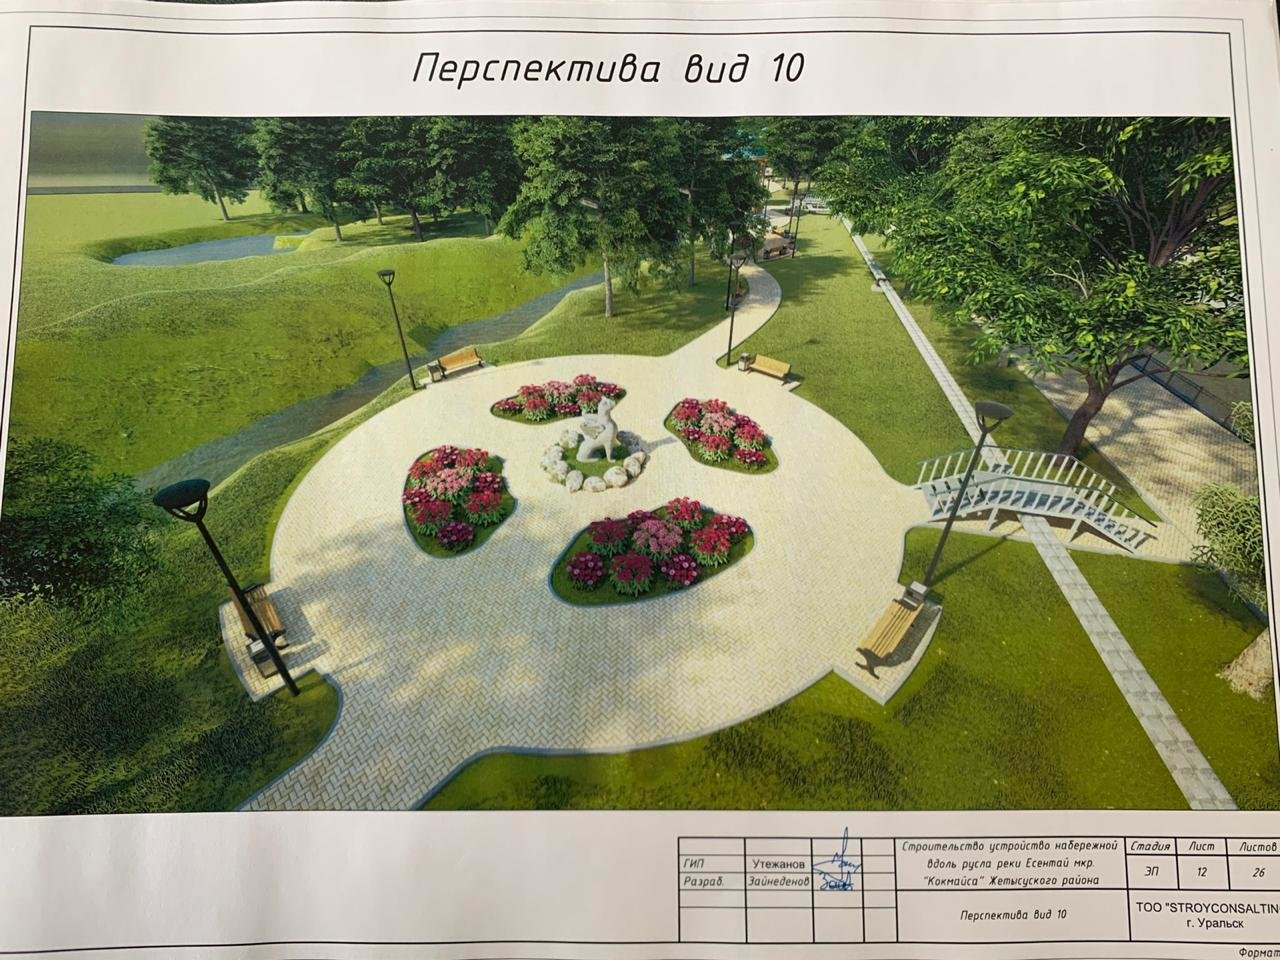 В Жетысуском районе Алматы планируют построить парковую зону вдоль набережной реки Есентай, фото-10